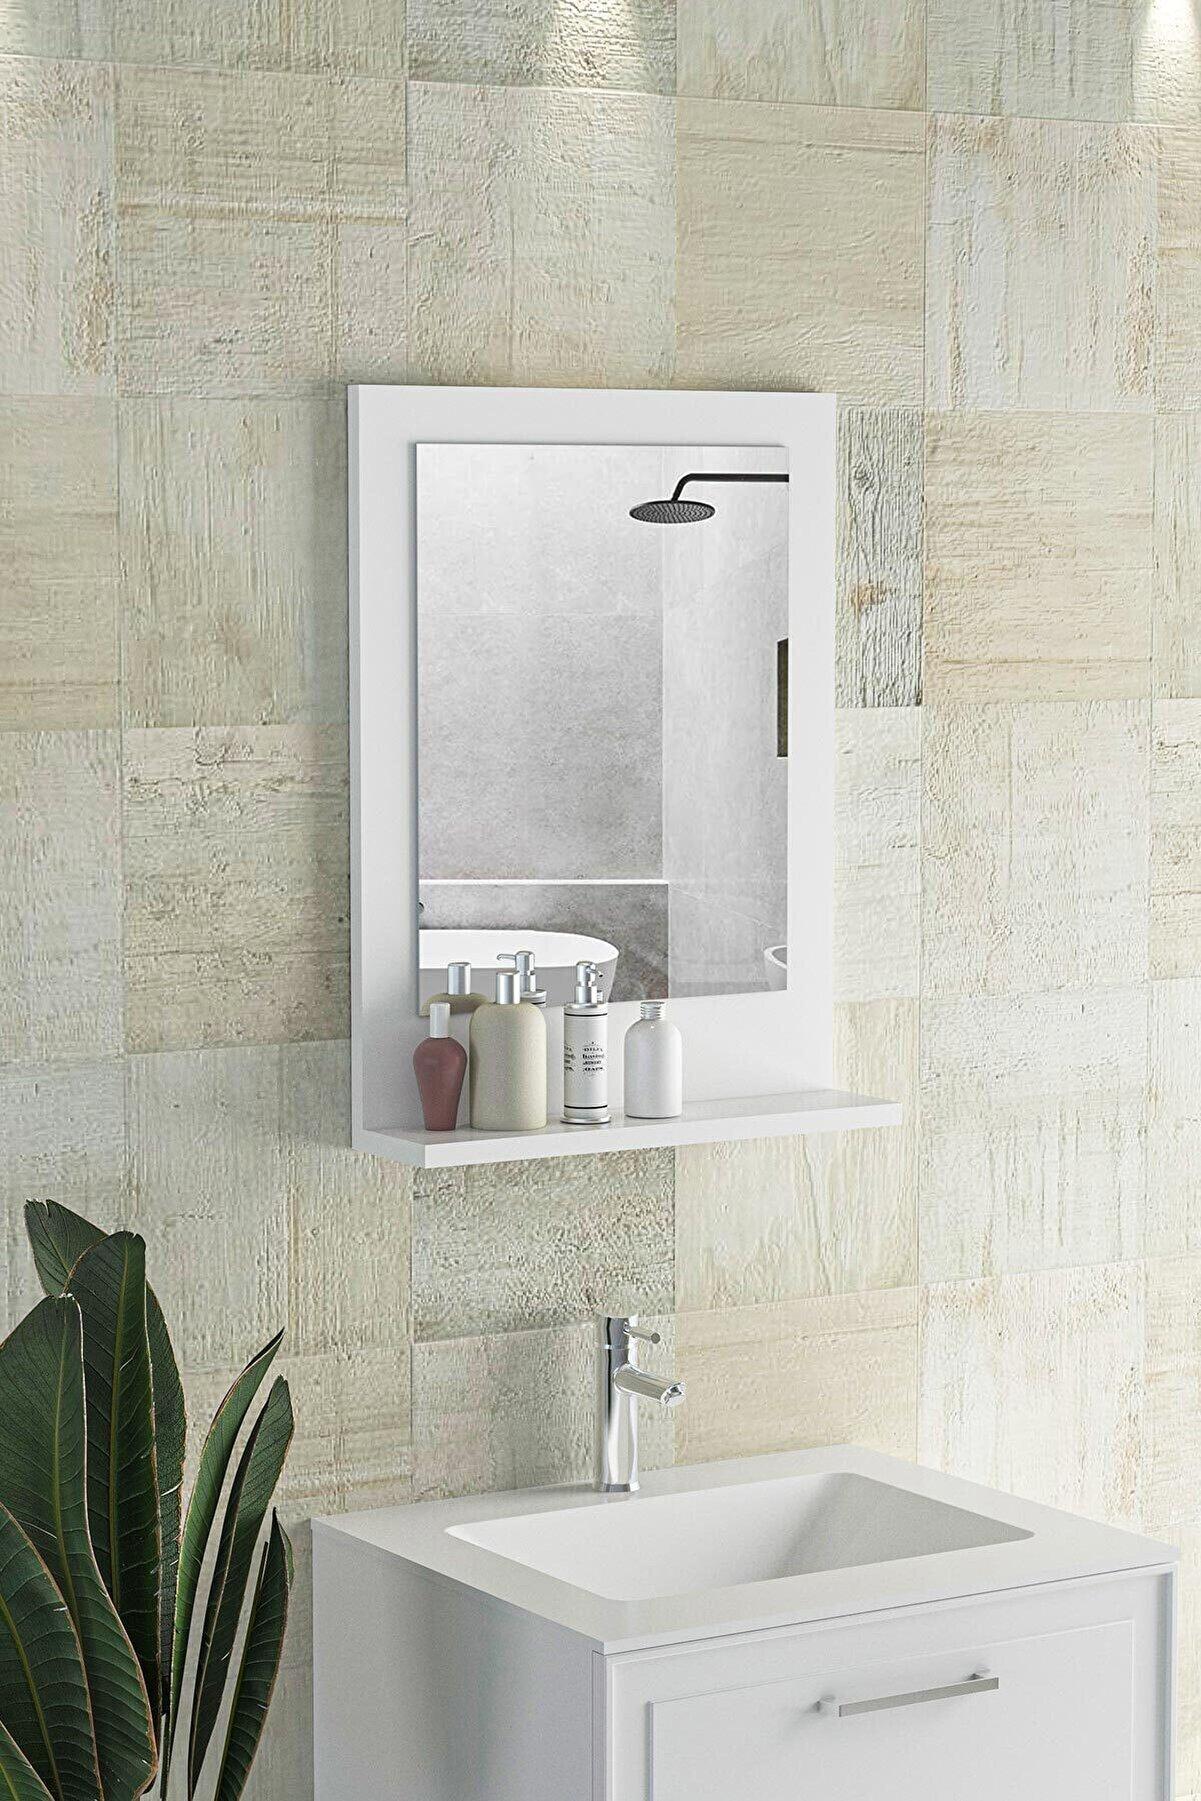 bluecape Beyaz Verona Raflı Dresuar Hol Koridor Duvar Salon Banyo Wc Ofis Çocuk Yatak Odası Boy Ayna 45x60cm